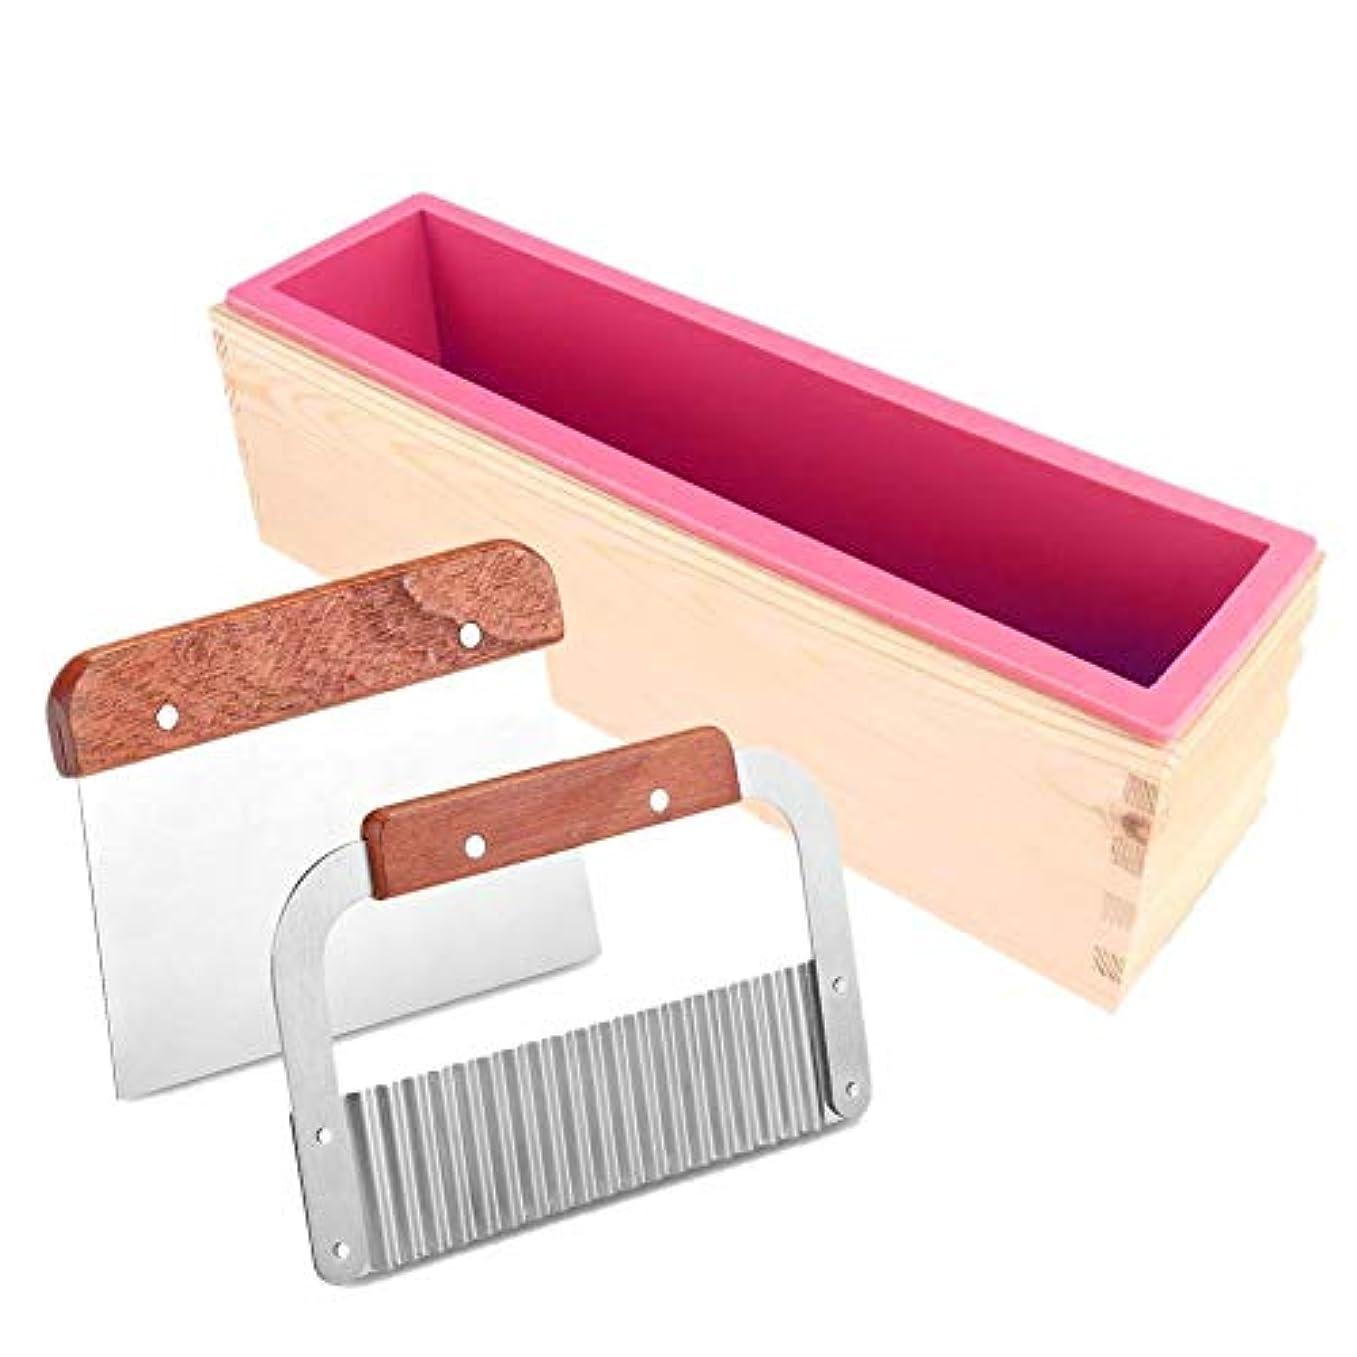 フェザー悲しいペフRagemのシリコーンの石鹸型 - 自家製の石鹸の作成のための2Pcsカッターの皮むき器が付いている長方形の木箱の石鹸の作成型